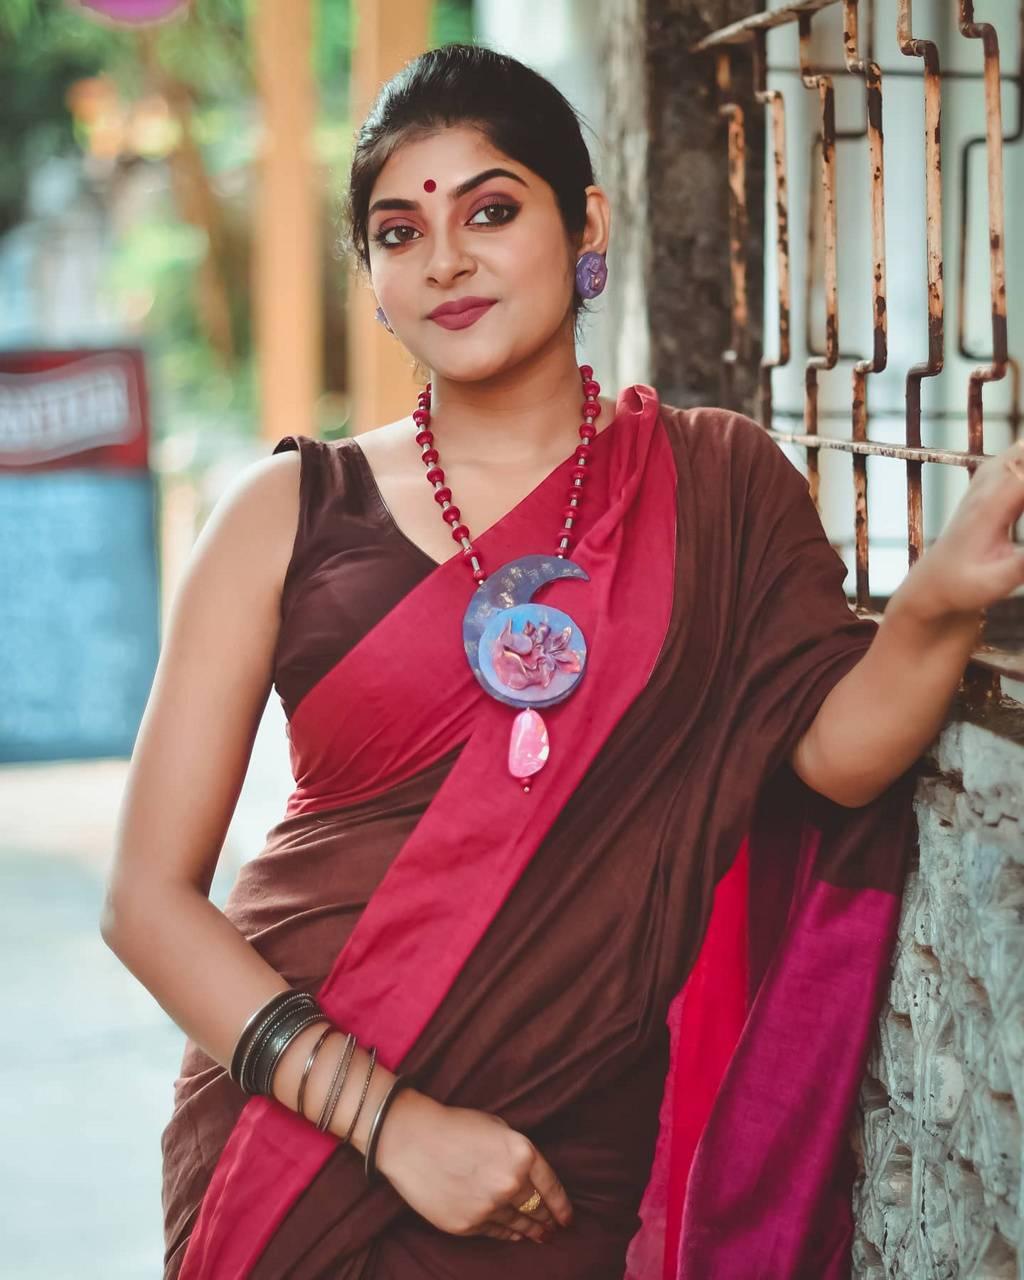 Chandrika Desai